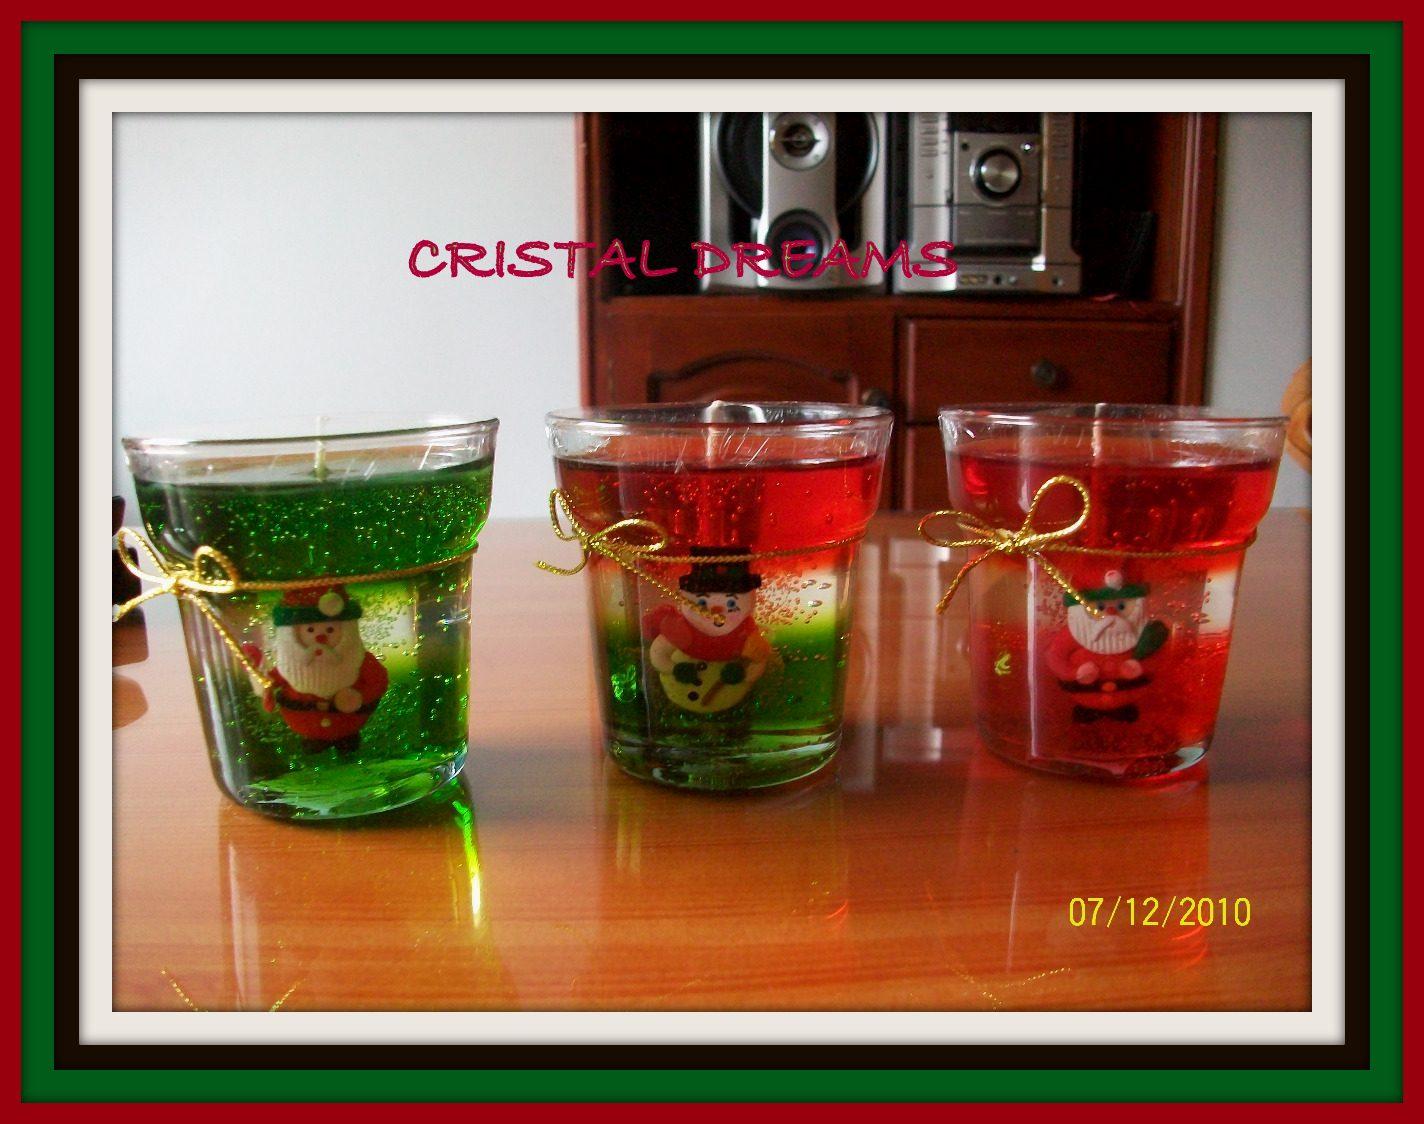 Cristal dreams diciembre 2012 - Velas decoradas para navidad ...